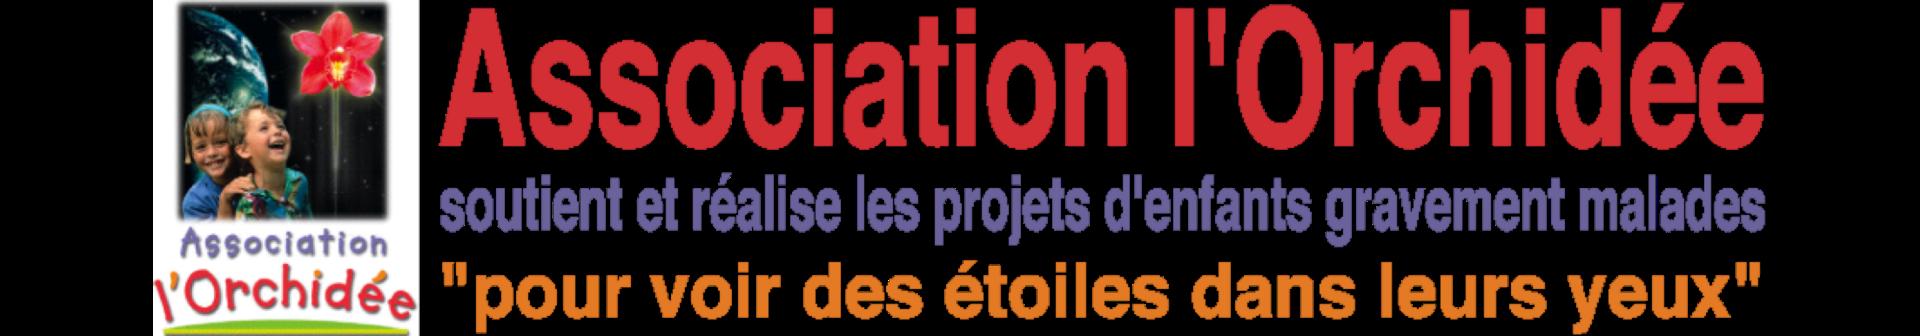 Adhésion 2018 - Association l'Orchidée